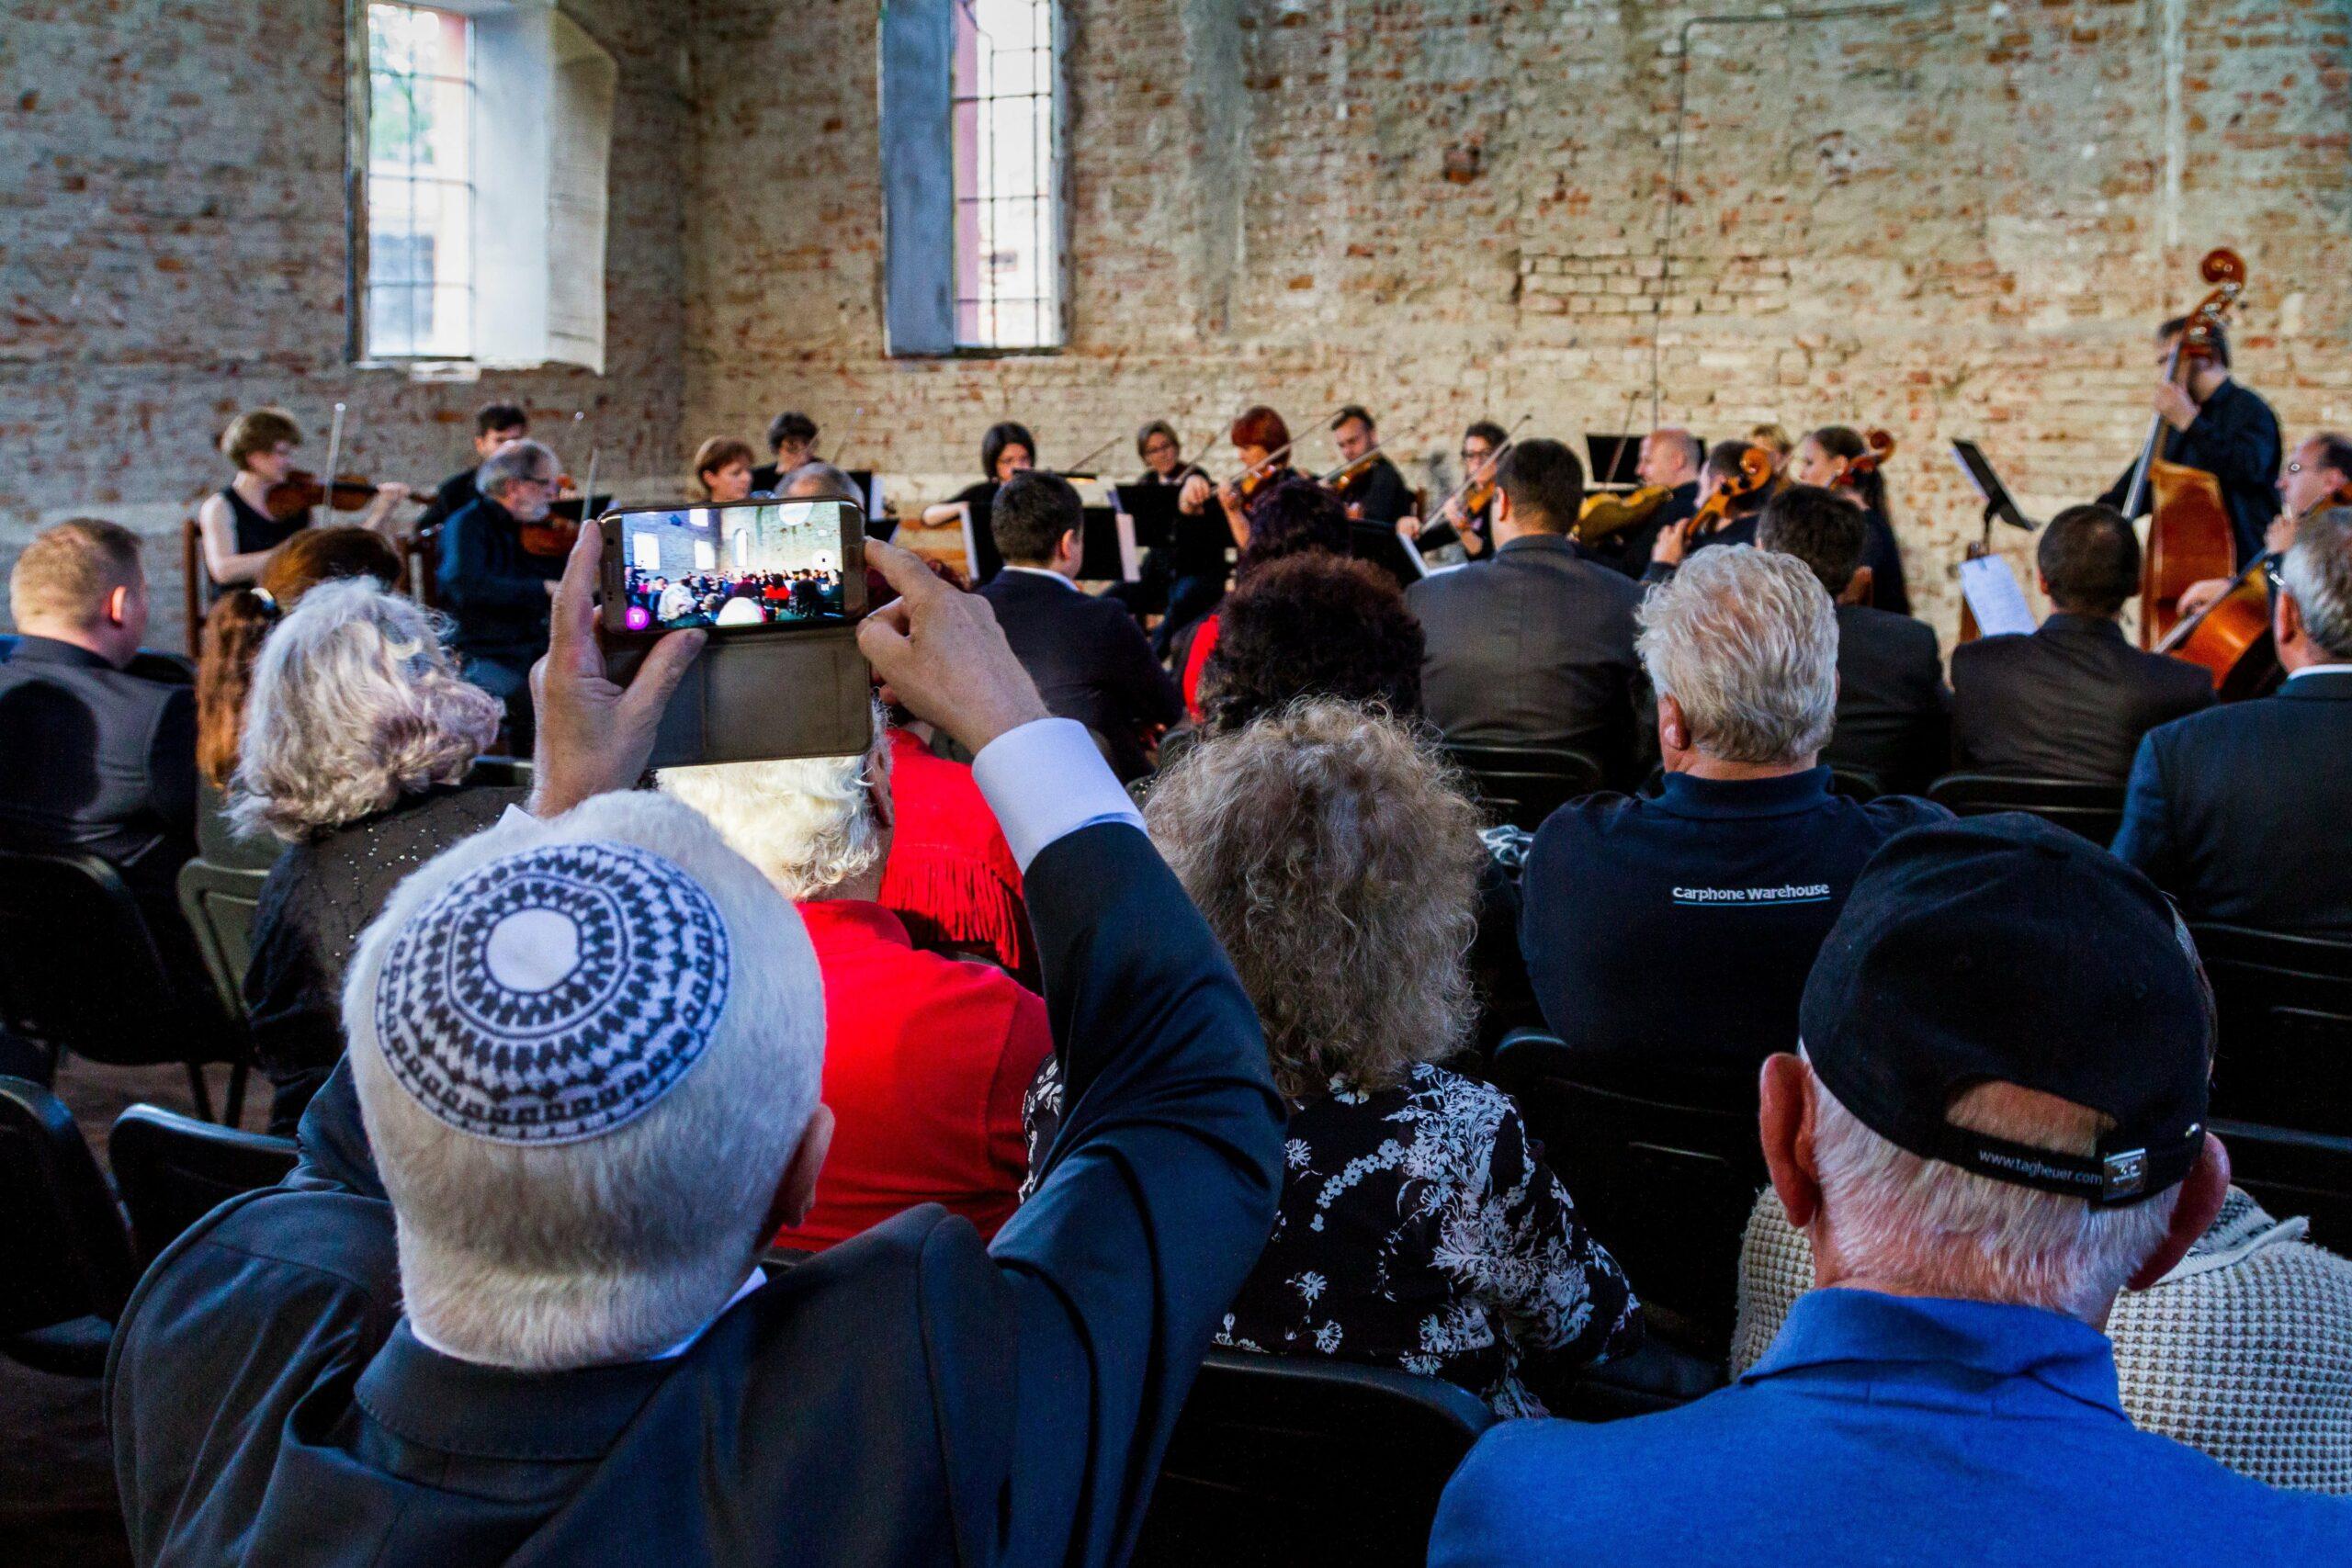 Nehéz helyzetük ellenére is találnak okot az ünneplésre az ukrajnai zsidók